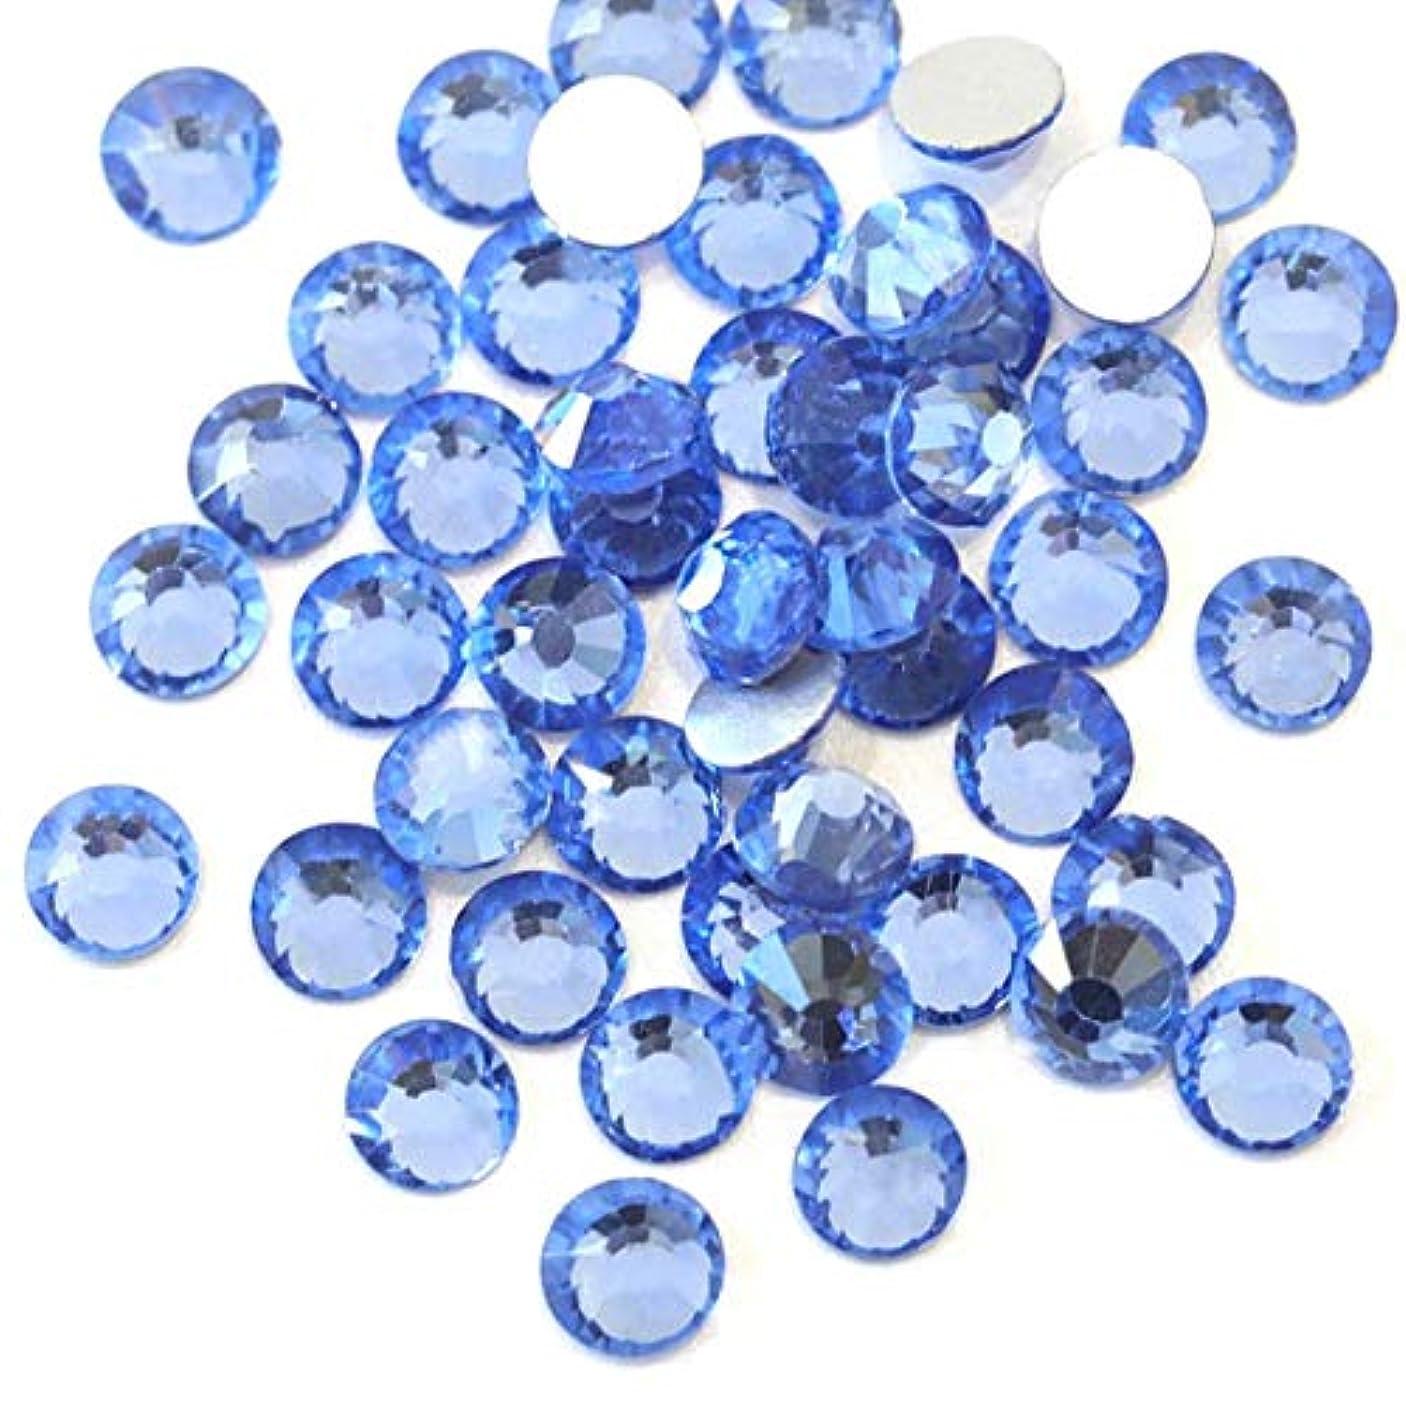 とらえどころのない広々温度計【ラインストーン77】高品質ガラス製ラインストーン ライトサファイア(4.0mm (SS16) 約150粒)